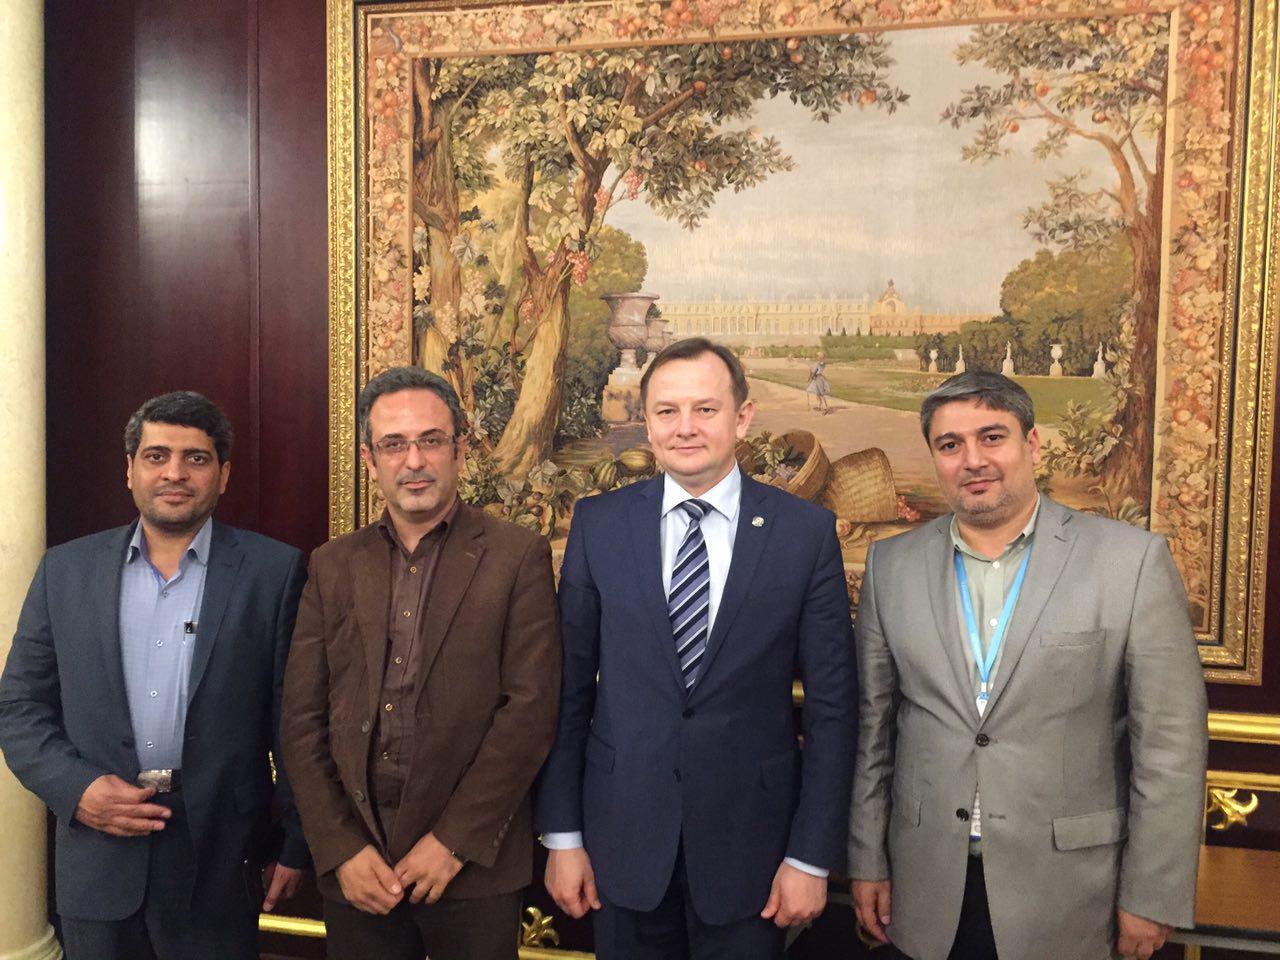 در دیدار هیئت اعزامی سازمان فعالیتهای قرآنی دانشگاهیان کشور با وزیر بهداشت تاتارستان عنوان شد: جهاد دانشگاهی؛ پل ارتباطی ایران و تاتارستان در حوزه درمانی و تجهیزات پزشکی